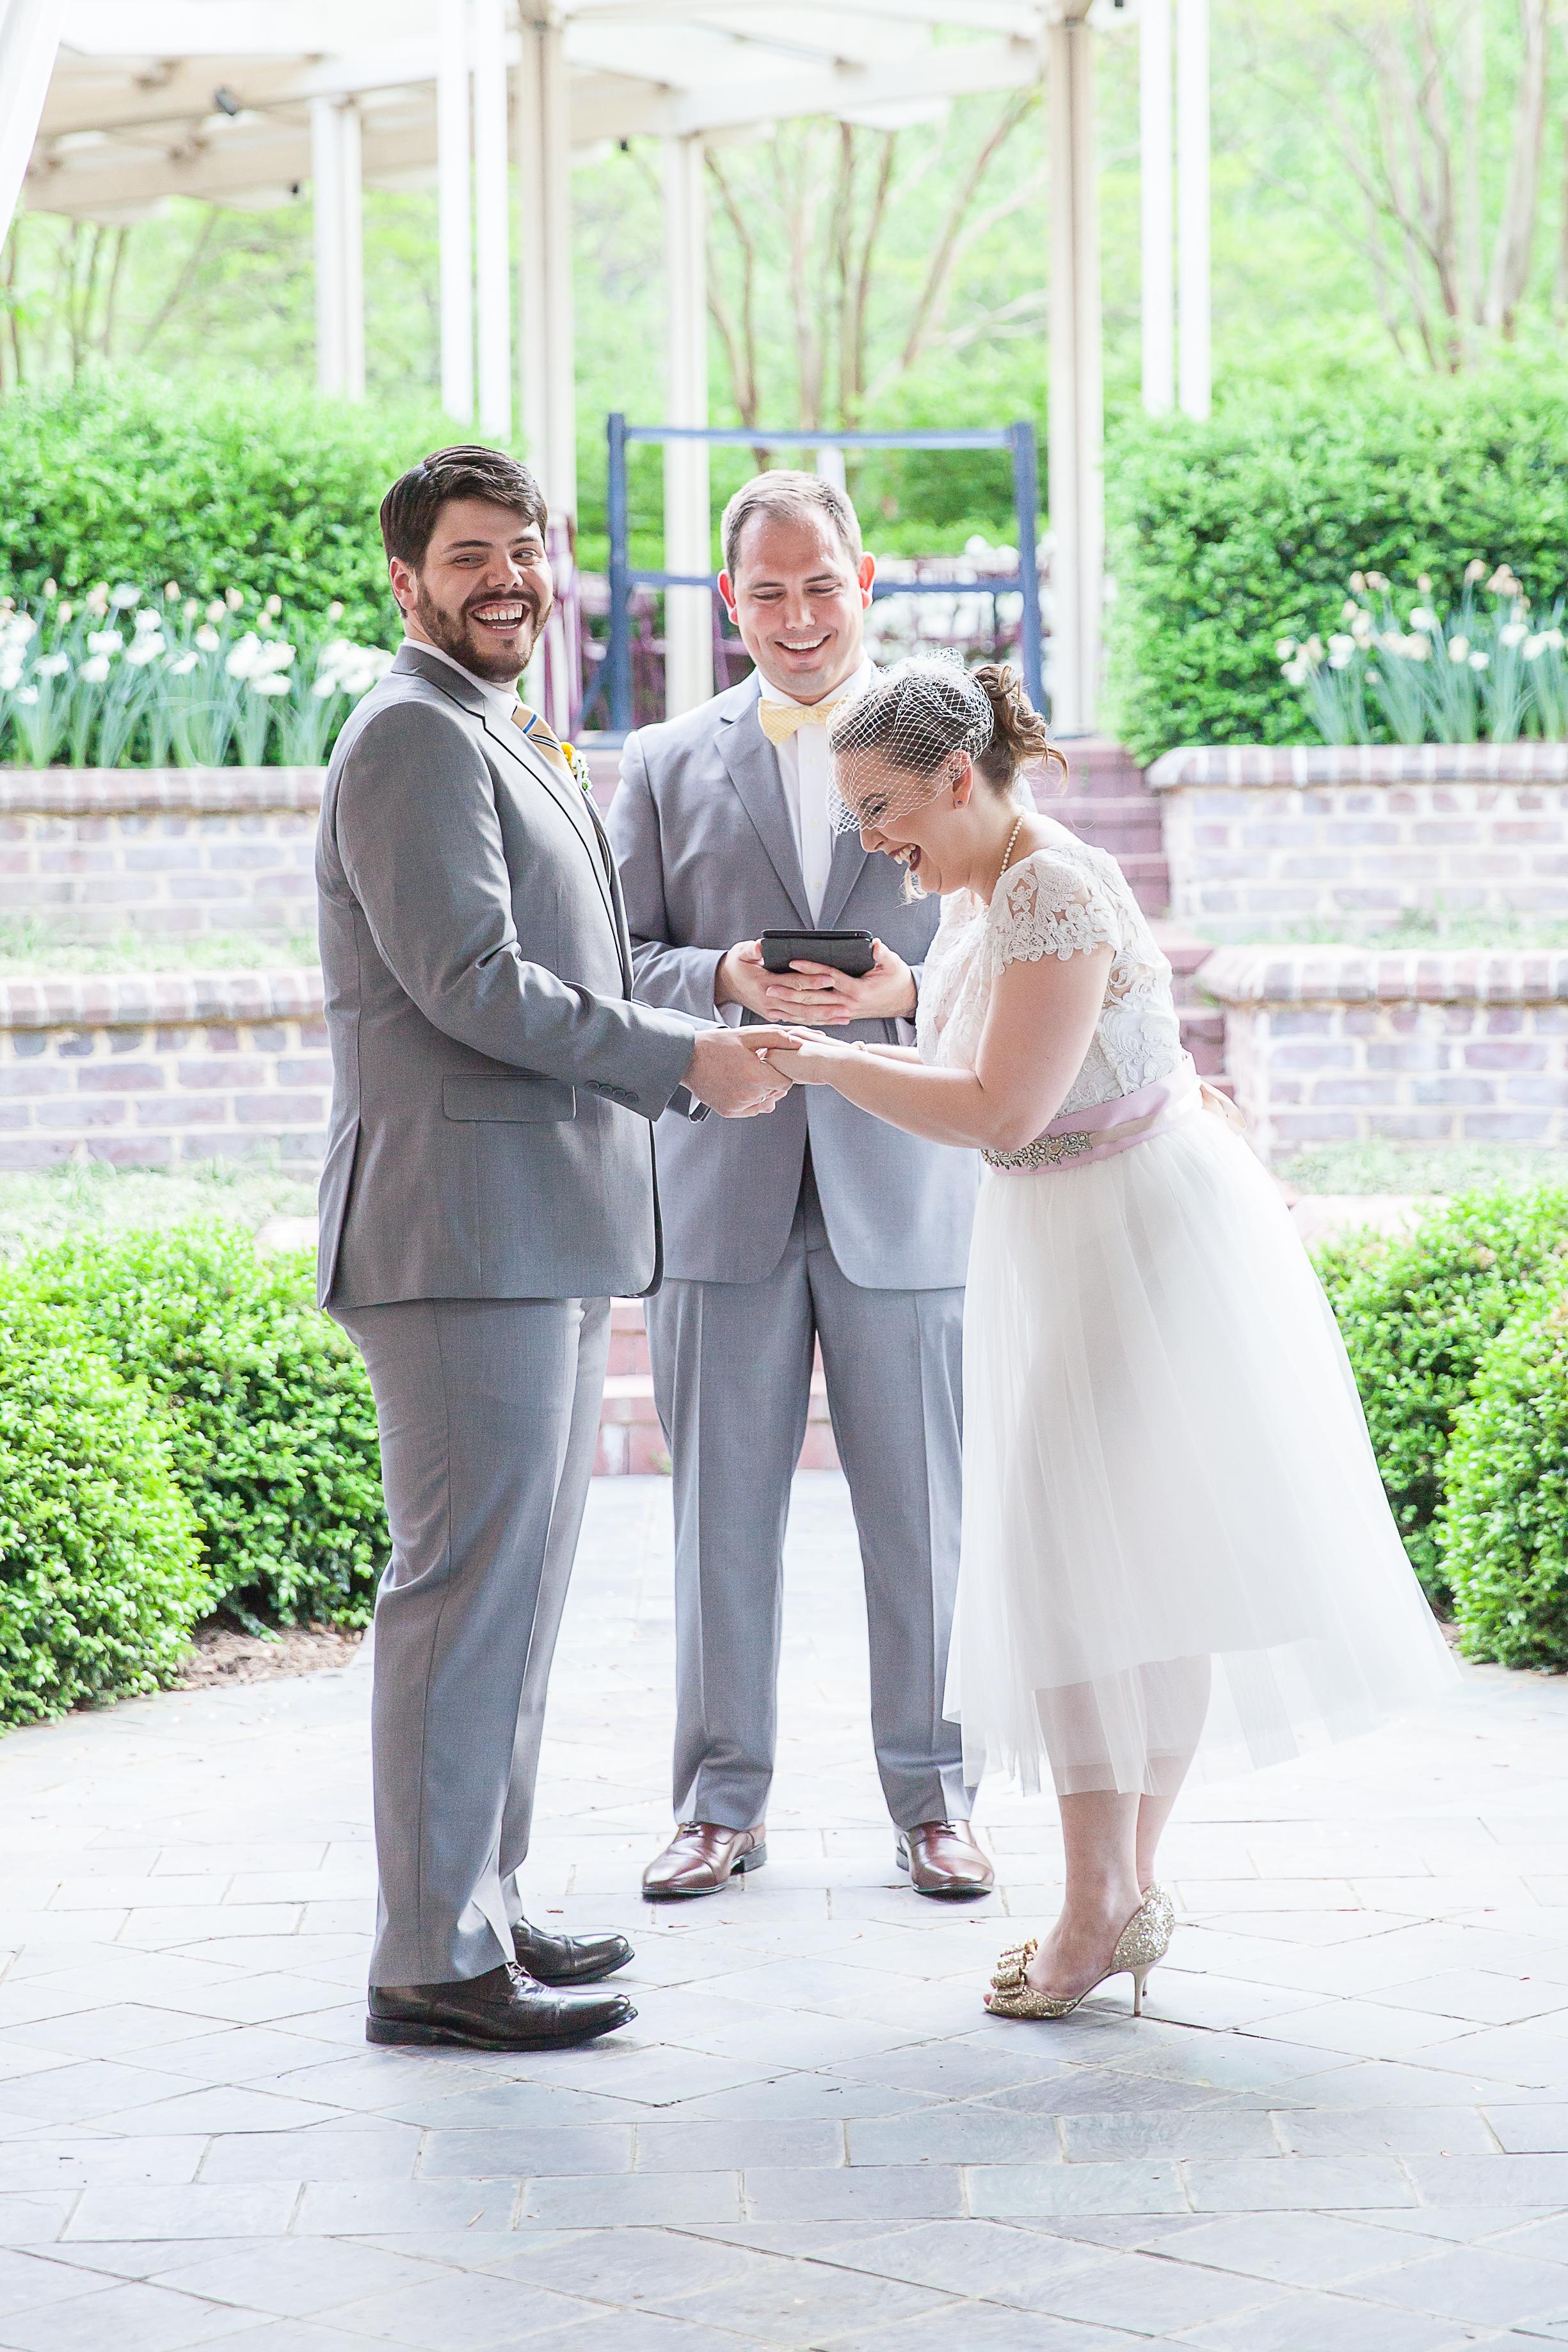 K-S-Wedding-Kim-Pham-Clark-Photography-231.jpg